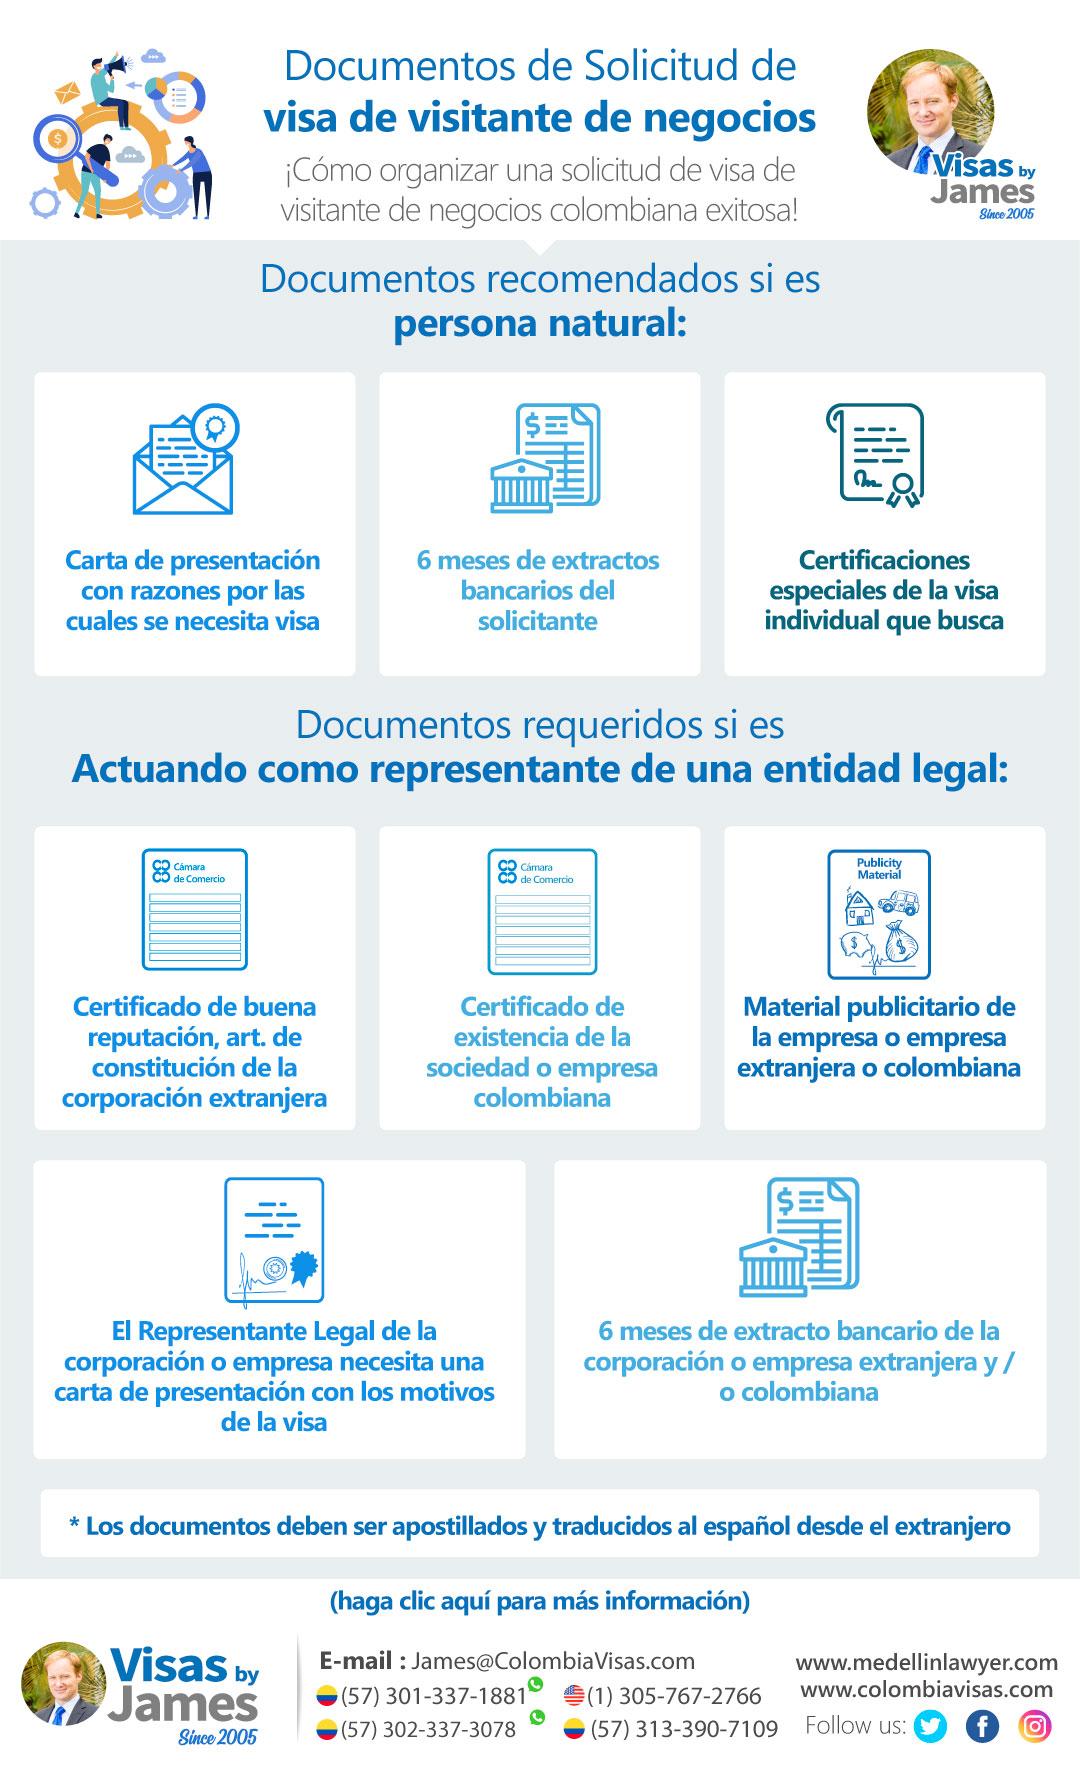 Documentos de Solicitud de Visa de Visitante de negocios